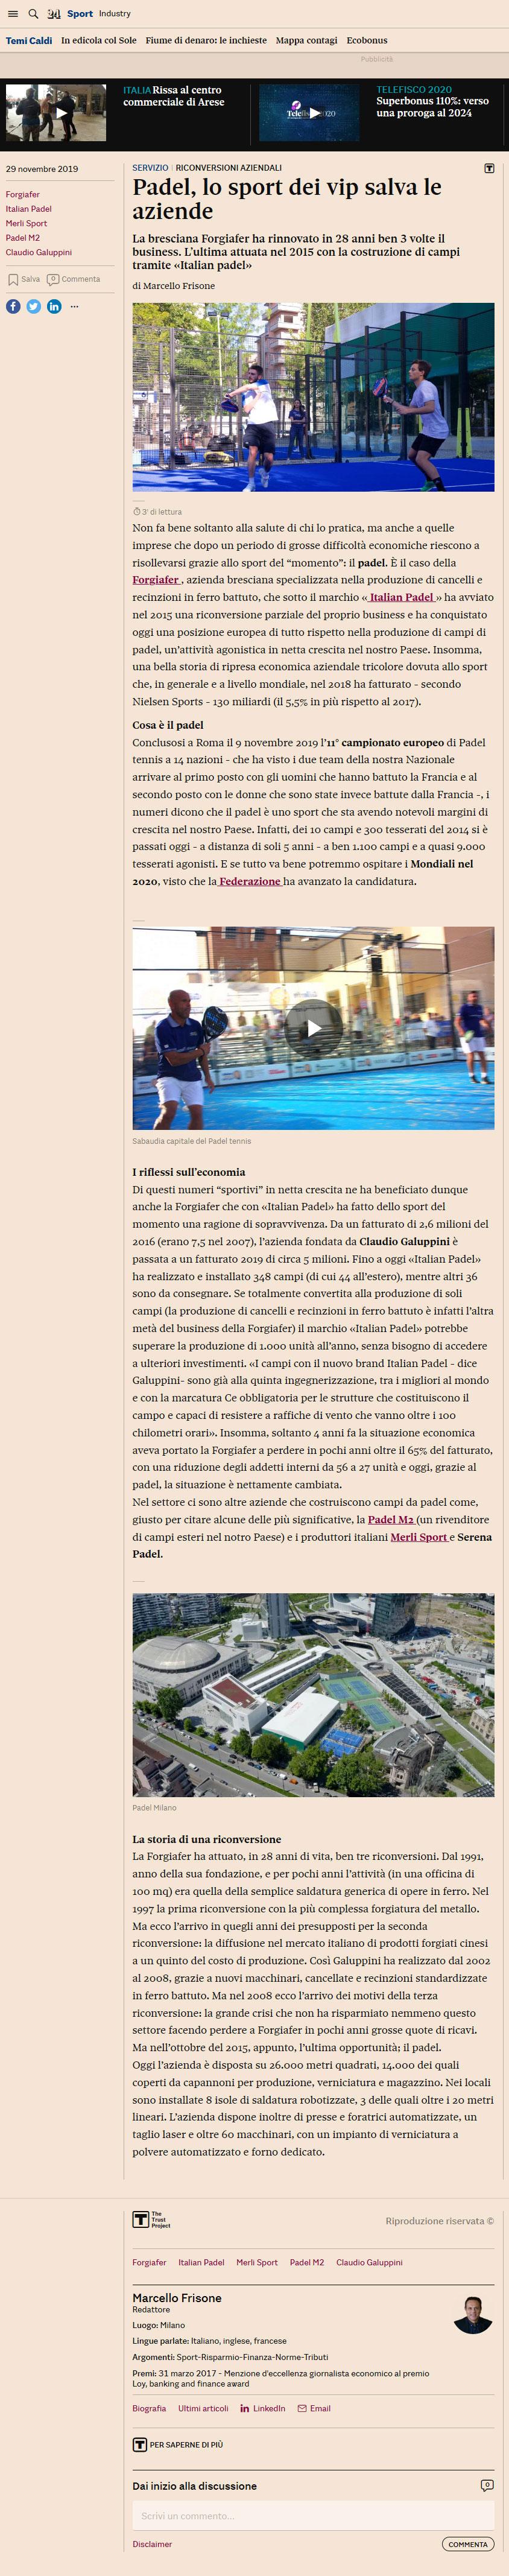 Padel, lo sport dei vip salva le aziende (Il Sole 24 ORE, 29 Novembre 2019)